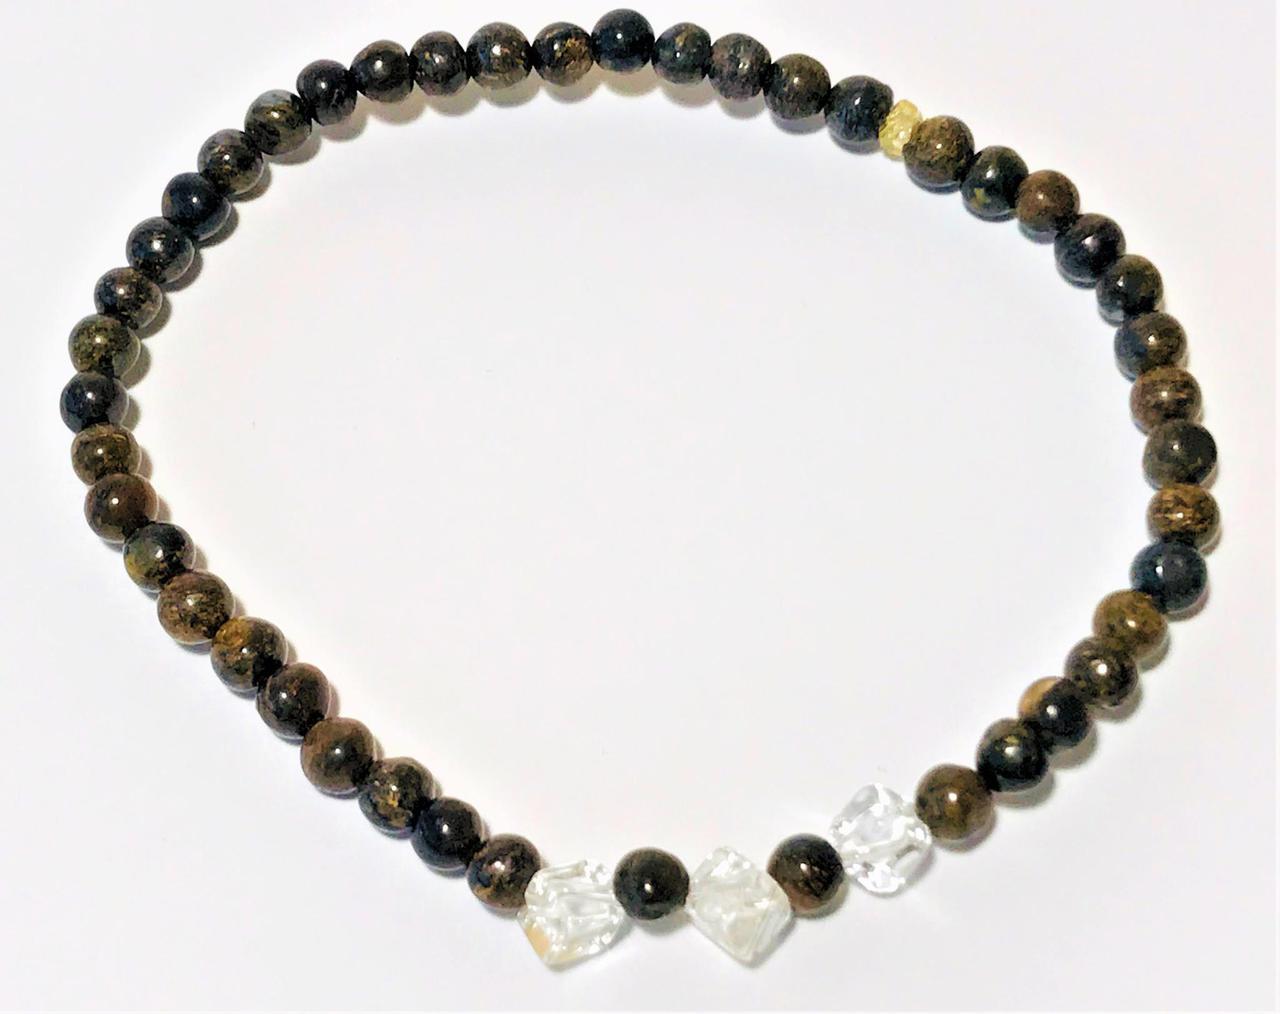 c8bf5130b1c Käevõrud — Esoteerikapood Allikas: kristallid, toidulisandid, Feng ...